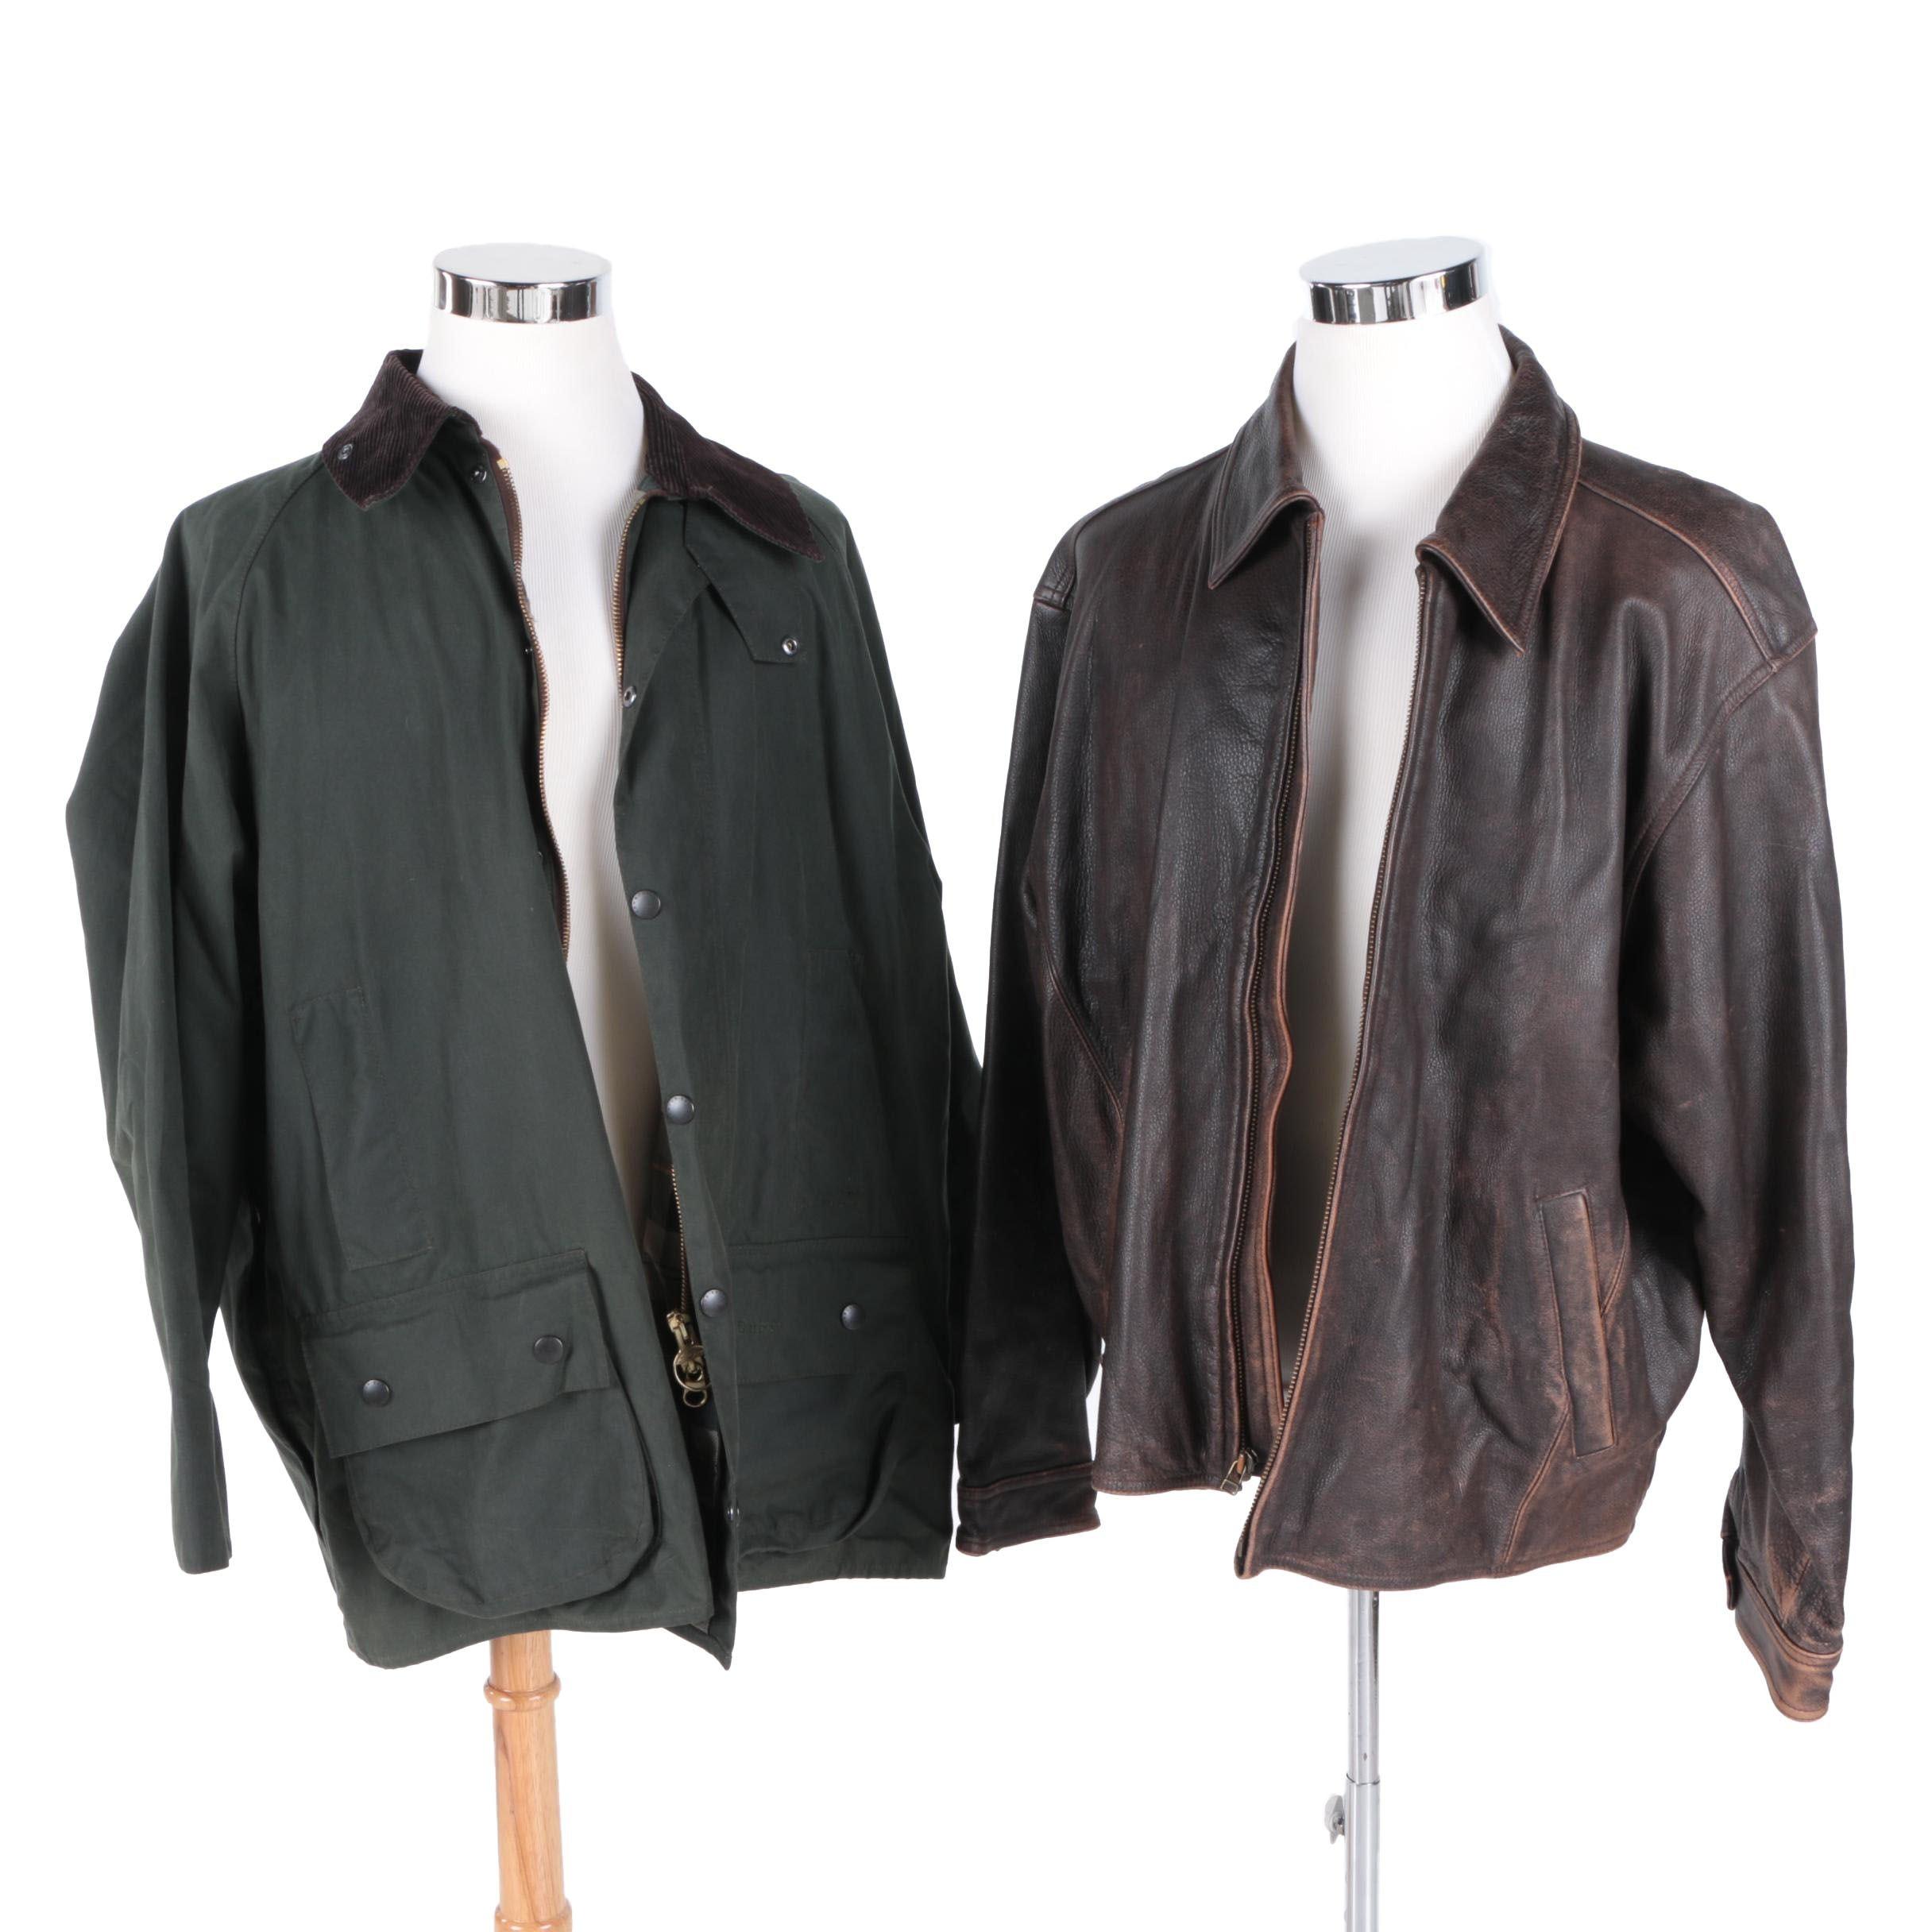 Men's Jackets Including Eddie Bauer